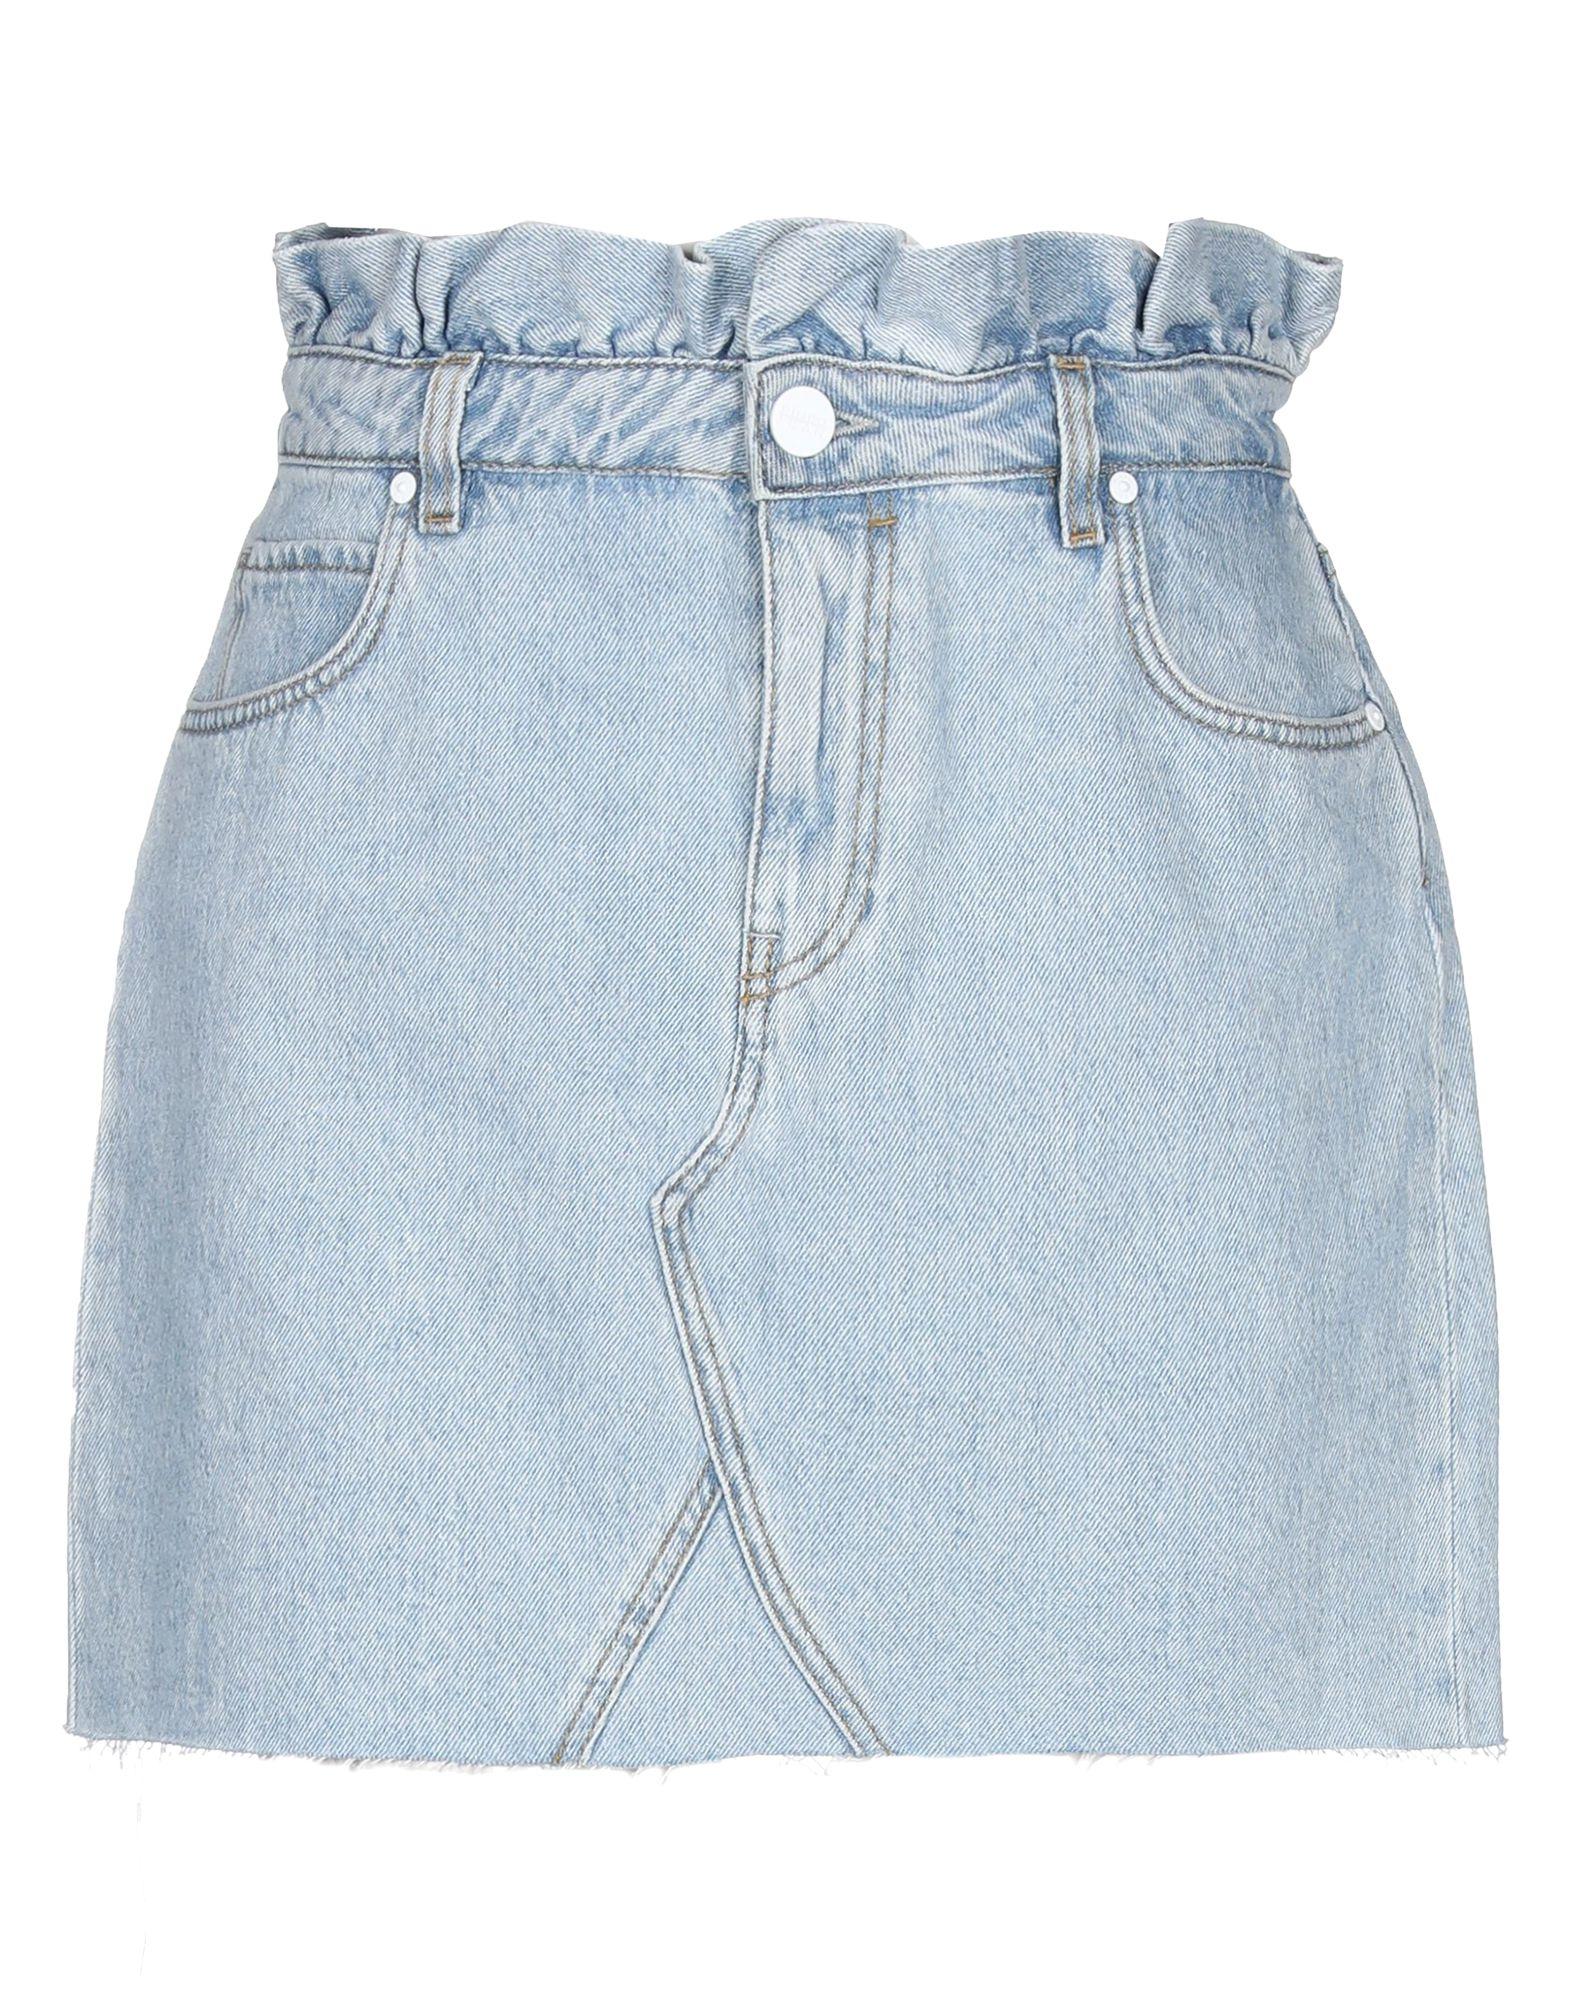 Фото - P_JEAN Джинсовая юбка p_jean джинсовая юбка